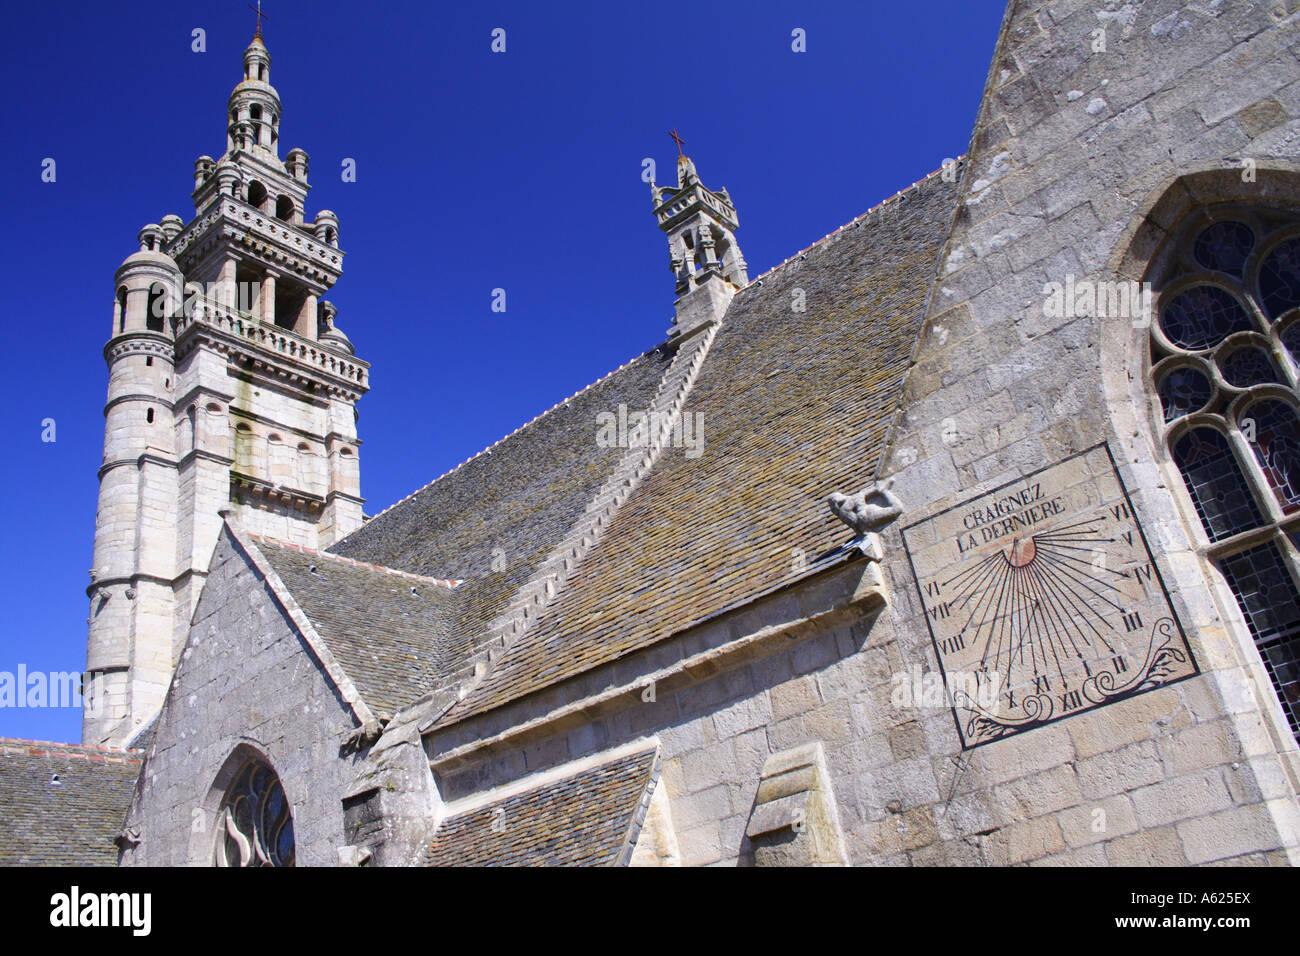 Église Notre Dame de Kroaz-Batz, Roscoff, Brittany, France Stock Photo